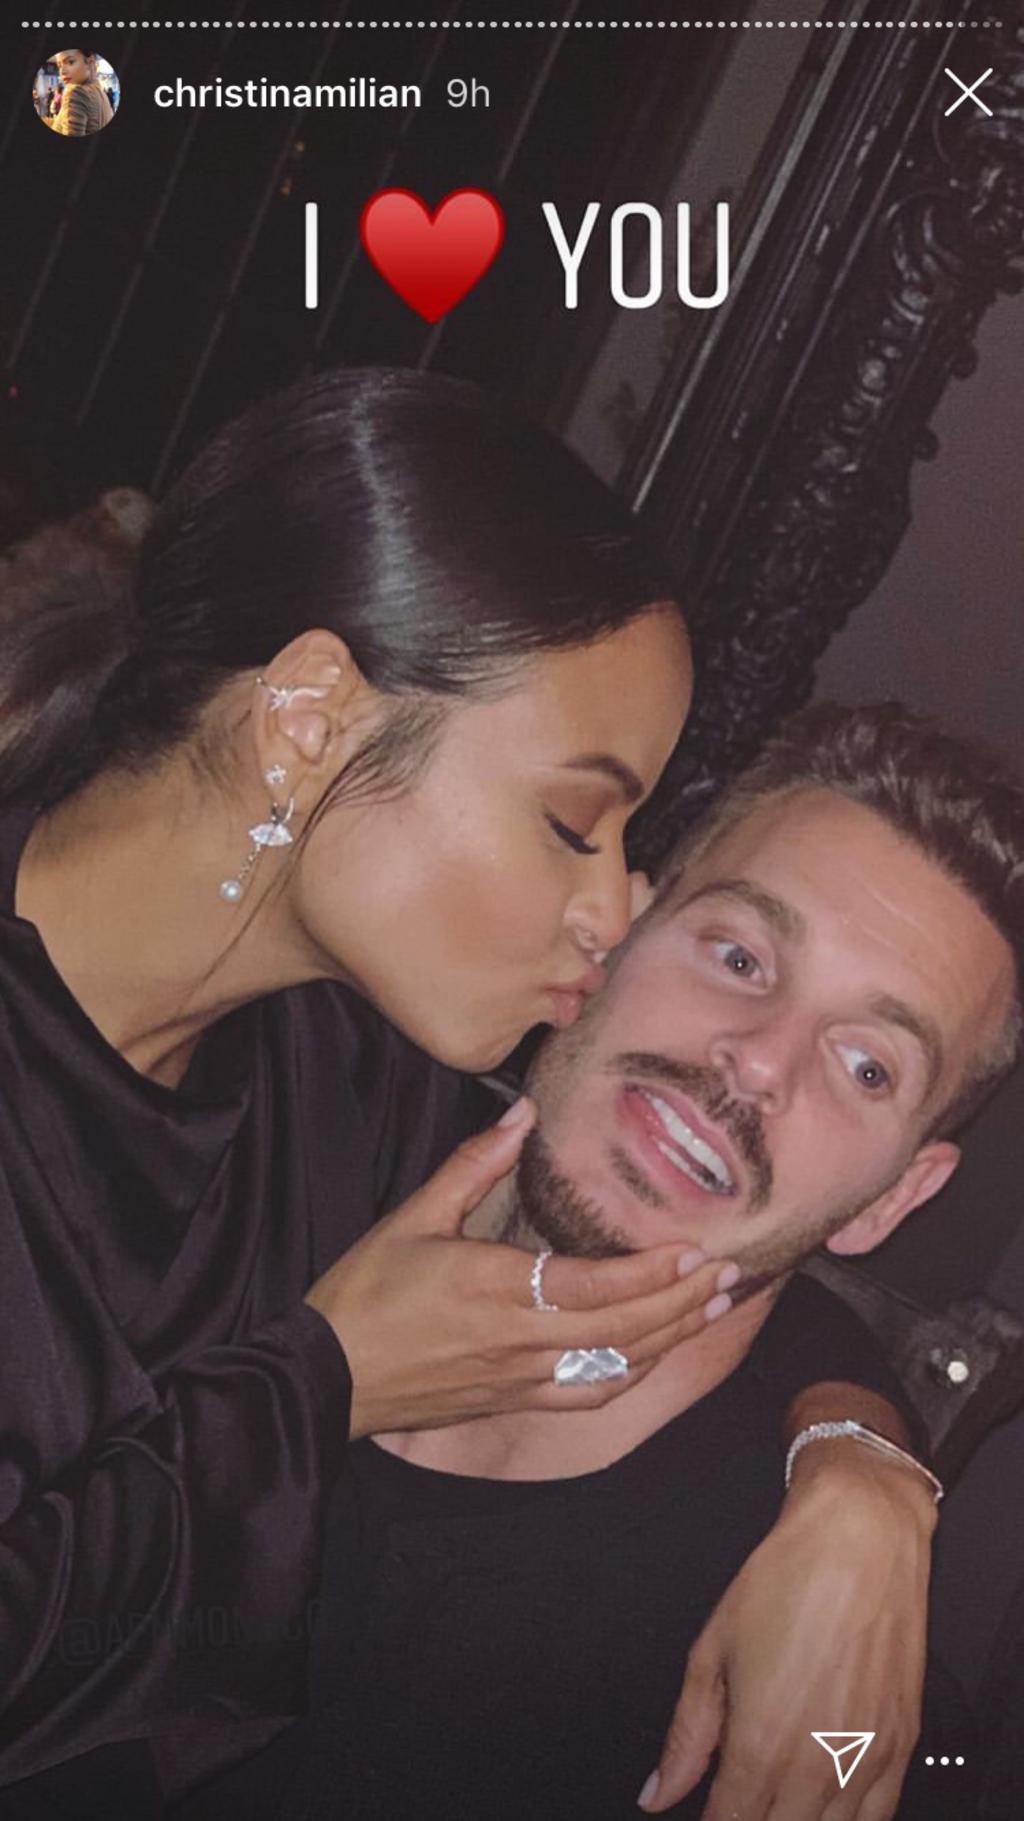 Matt Pokora et Christina Milian toujours aussi fous amoureux : Leur nouvel an en famille